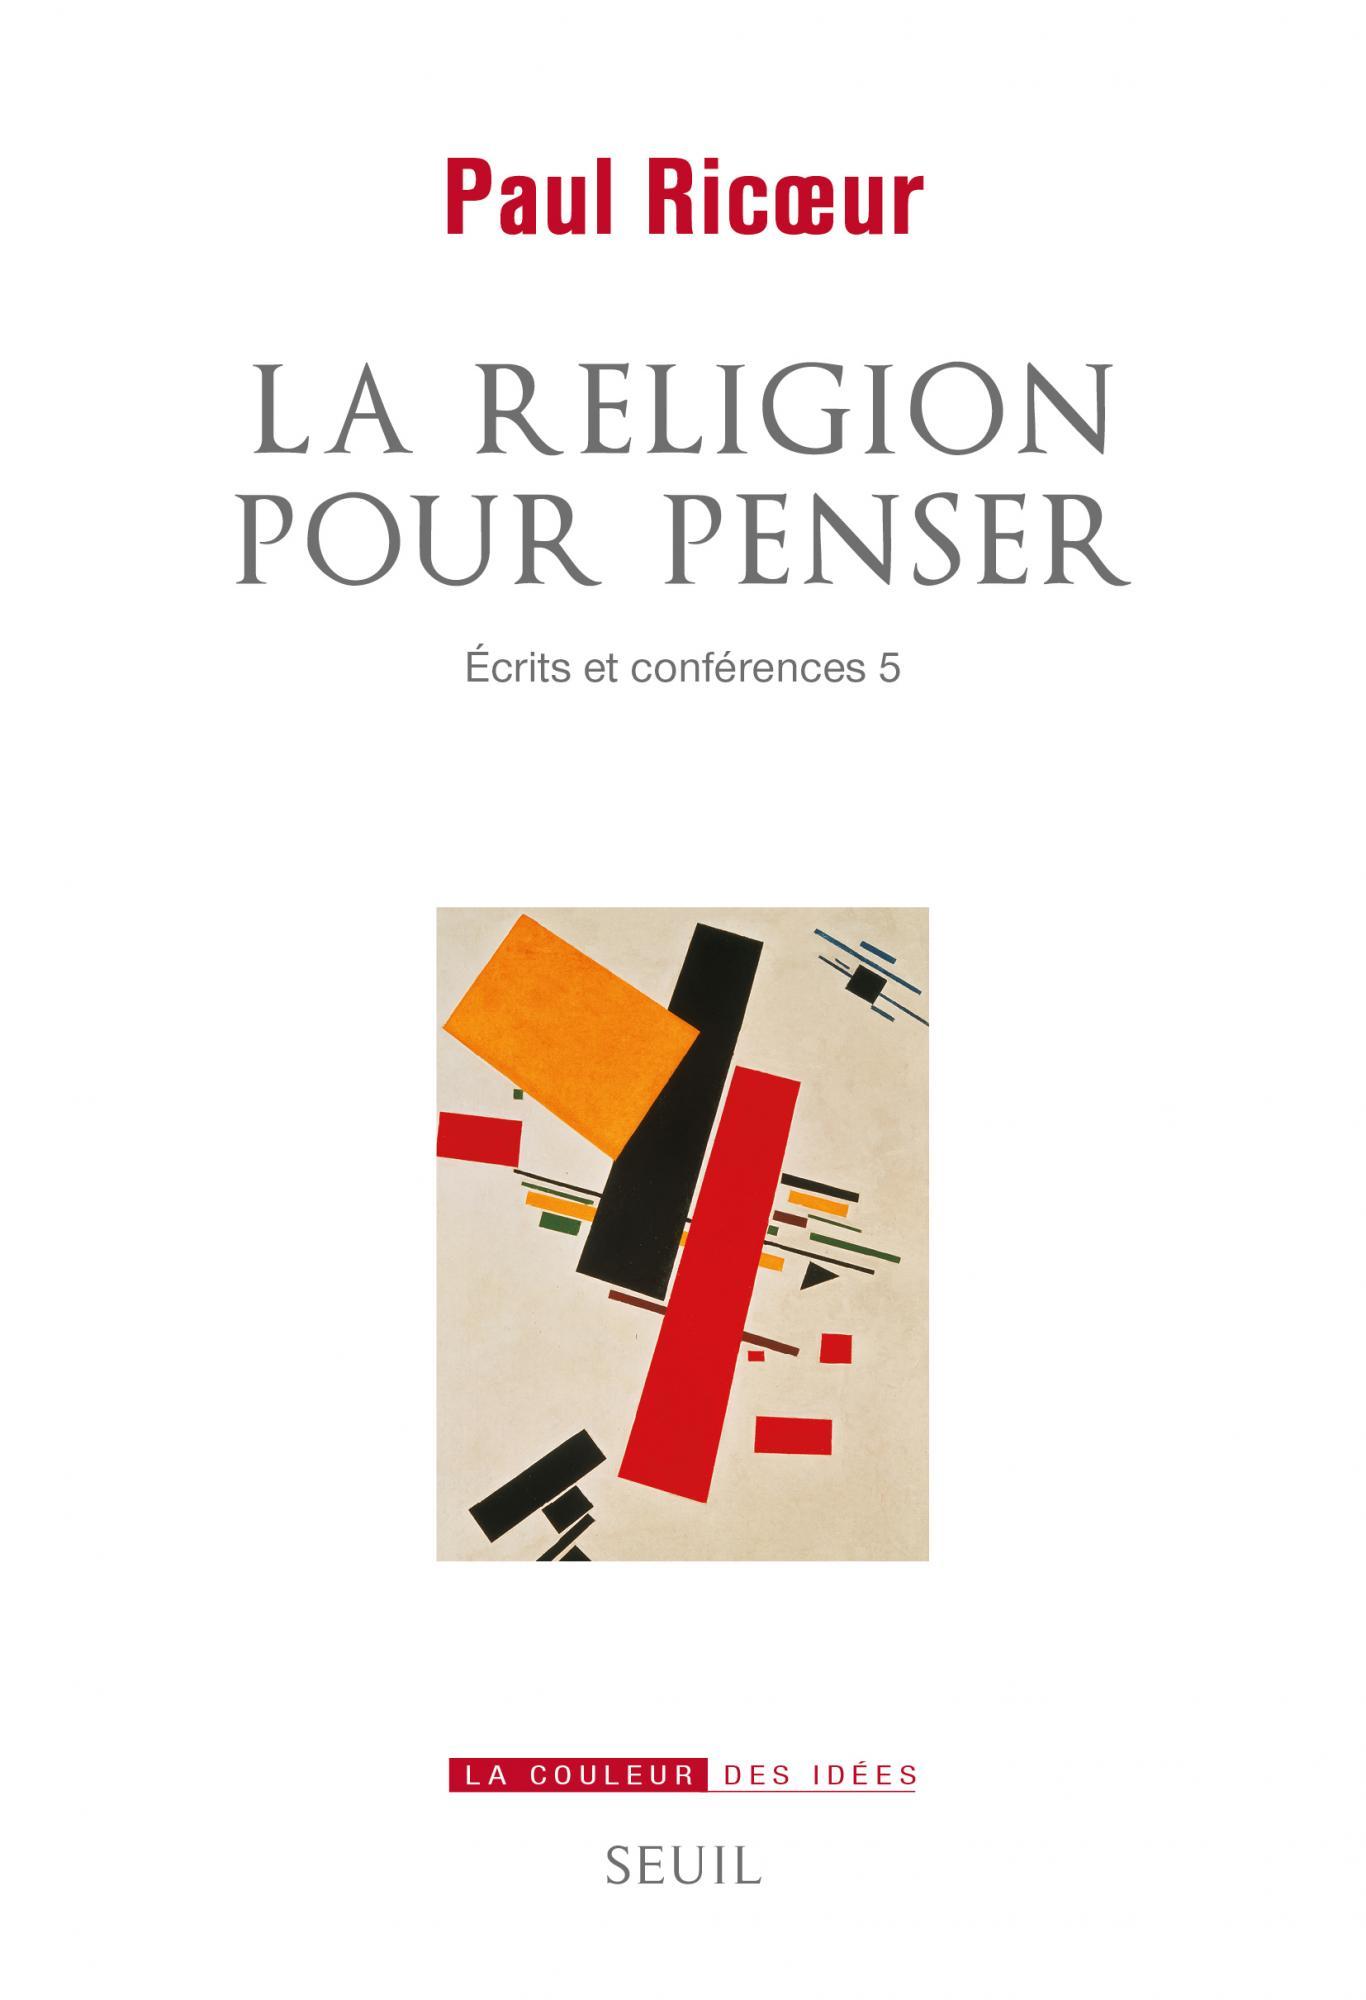 P. Ricœur, La Religion pour penser. Écrits et conférences 5